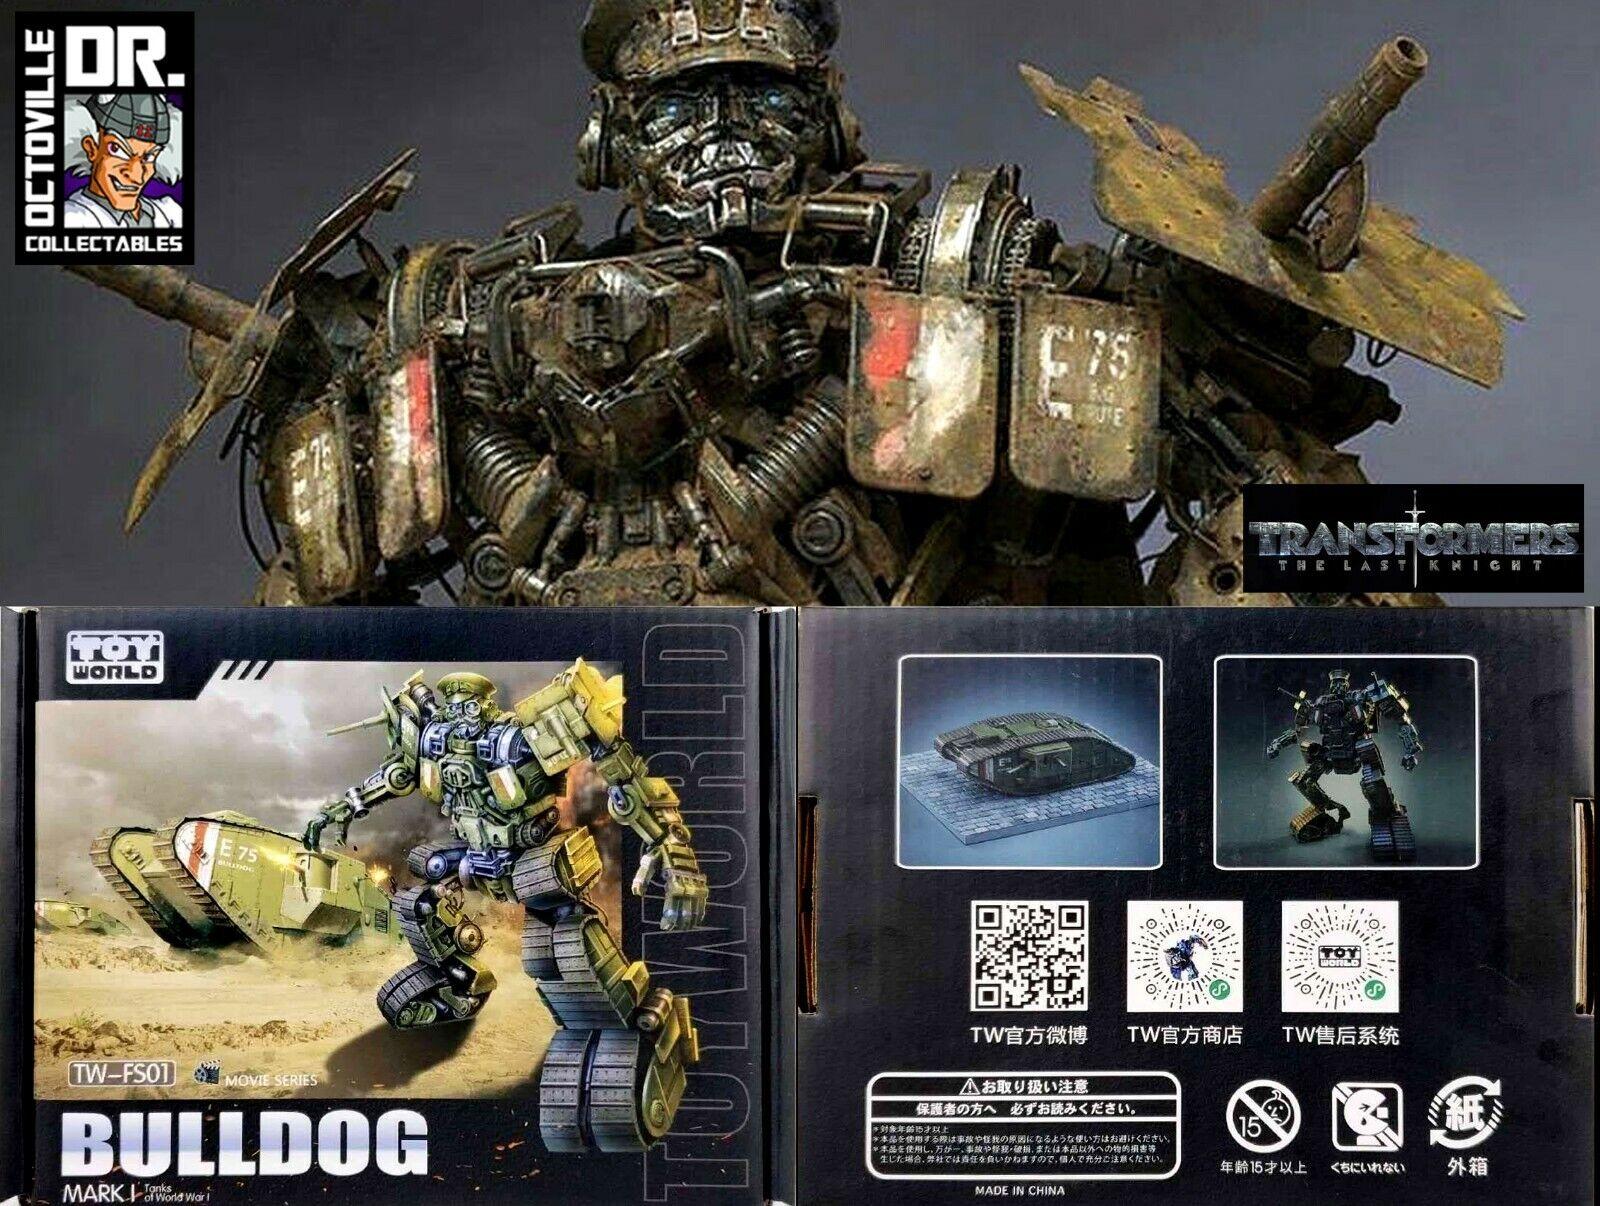 tienda en linea Transformers el último caballero Masterpiece JugueteWorld TW-FS01 Bulldog Brand New New New  buen precio